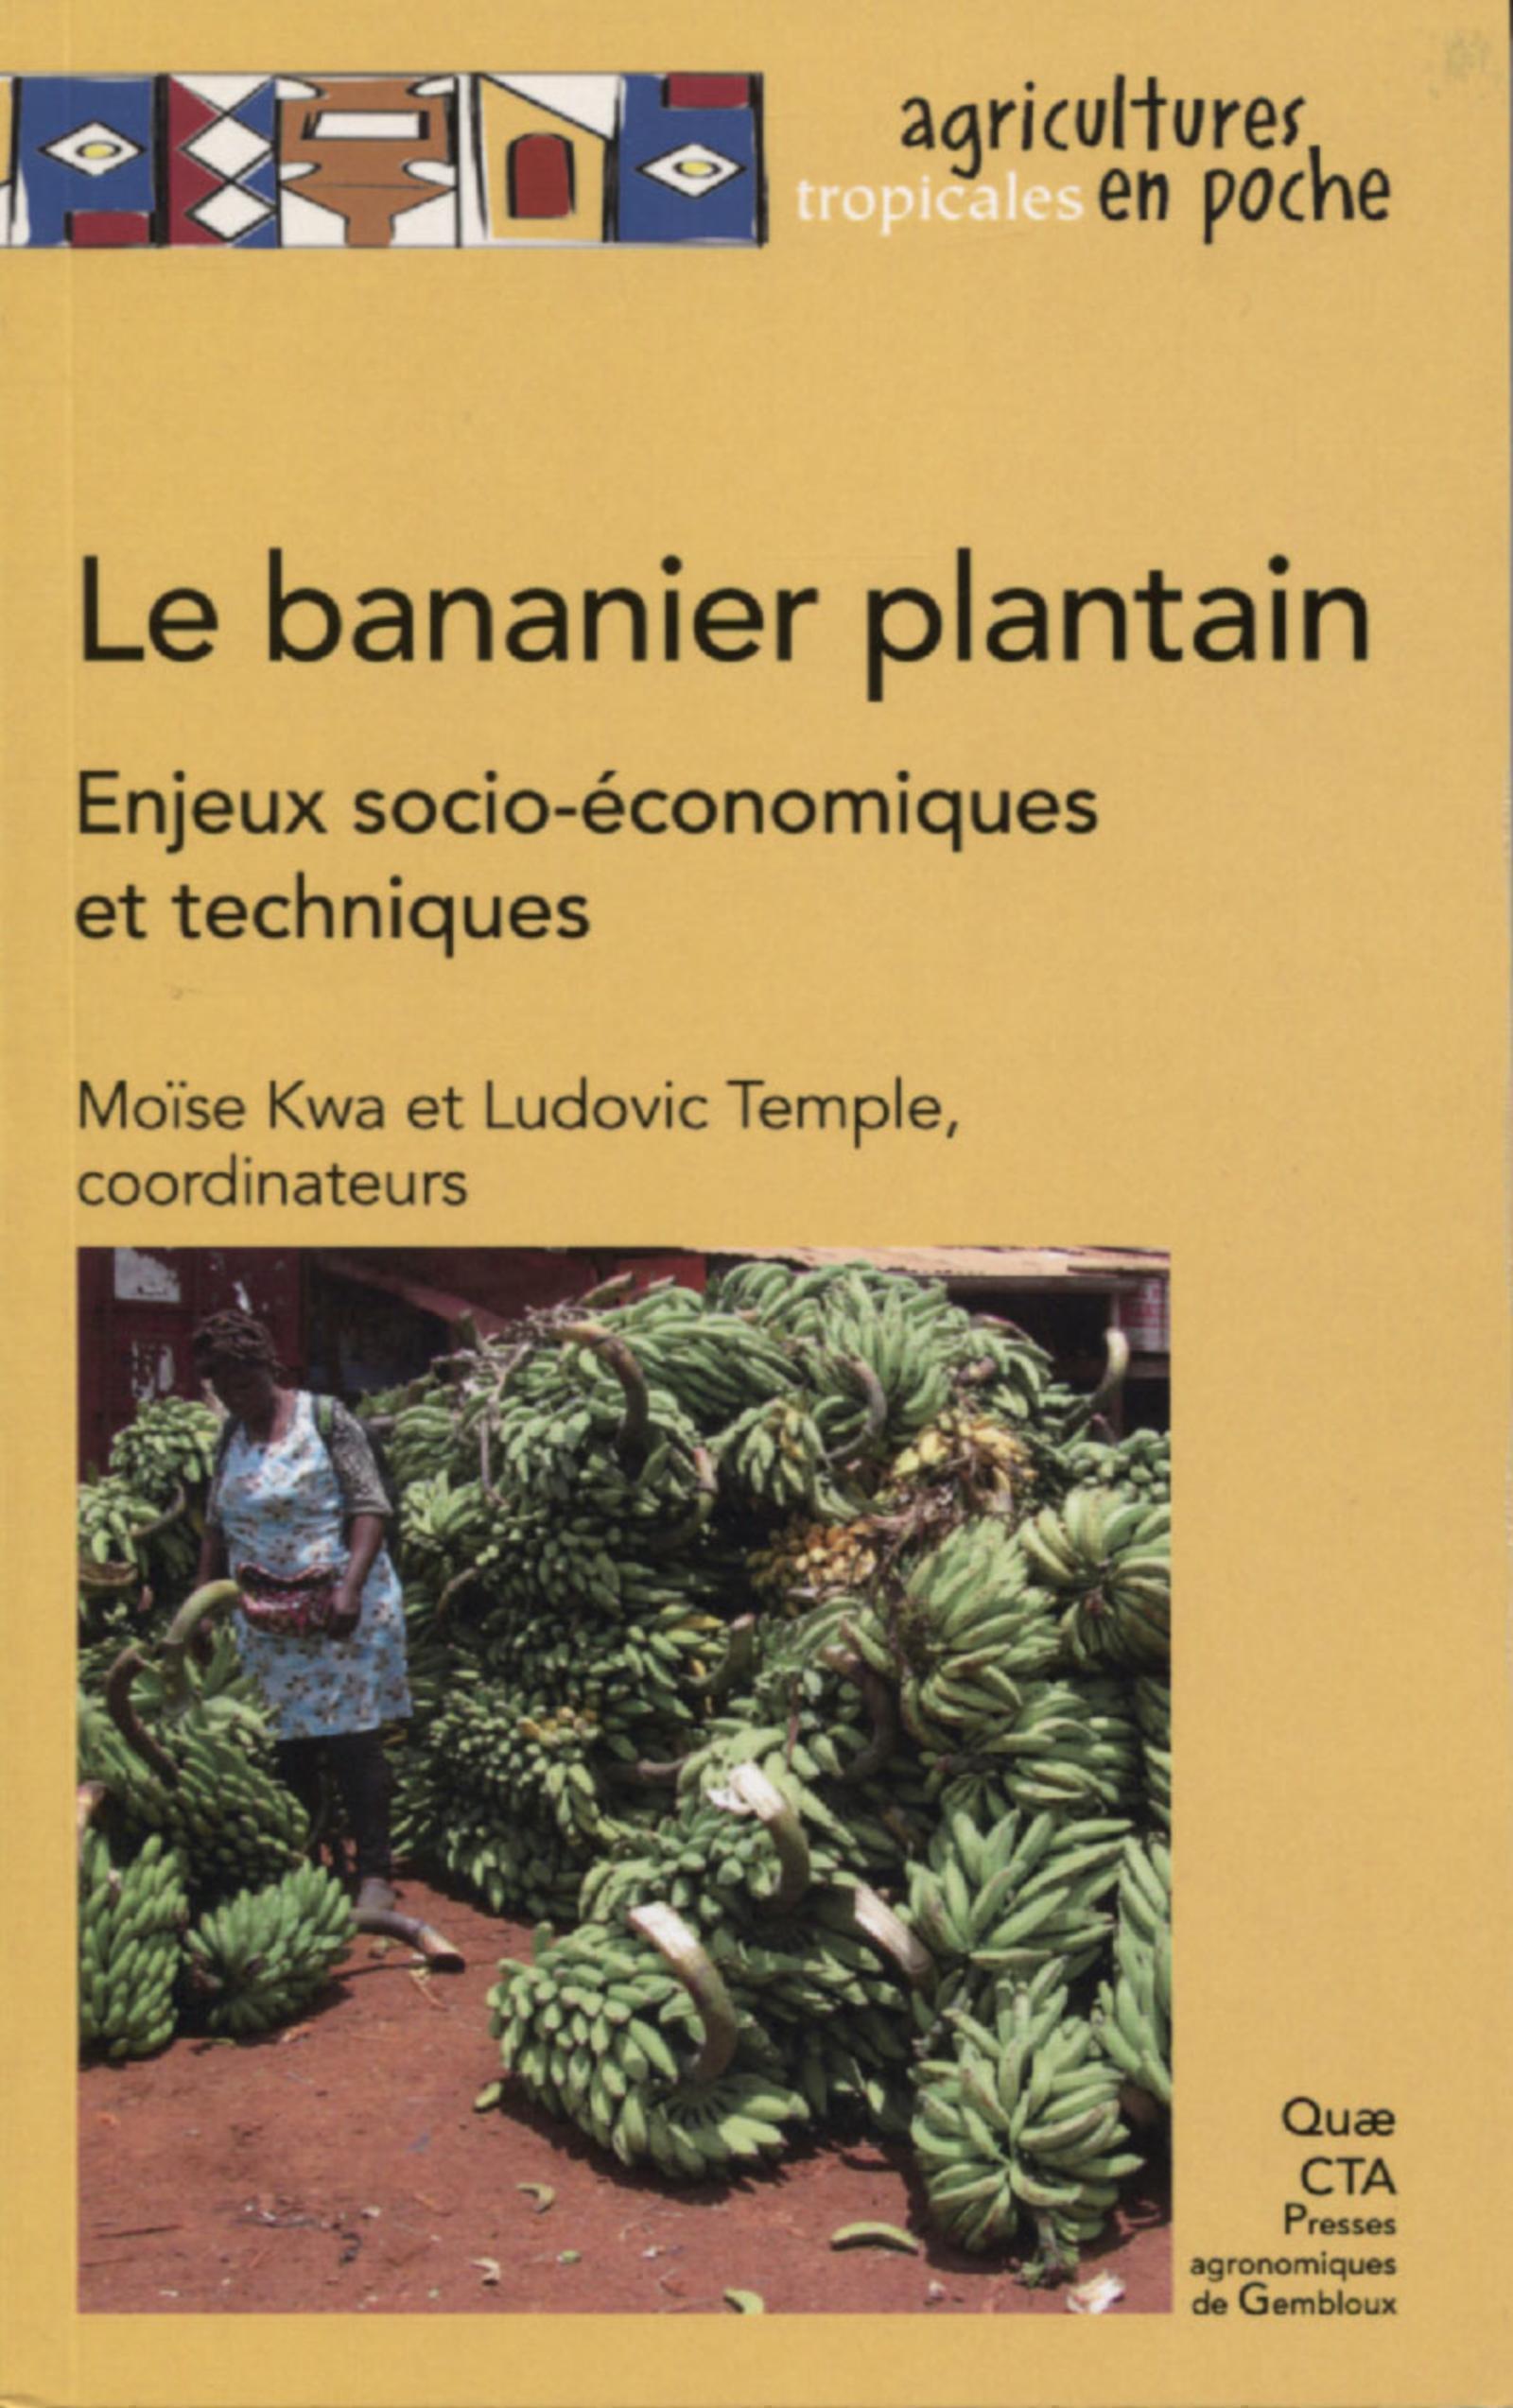 LE BANANIER PLANTAIN - ENJEUX SOCIO-ECONOMIQUES ET TECHNIQUES